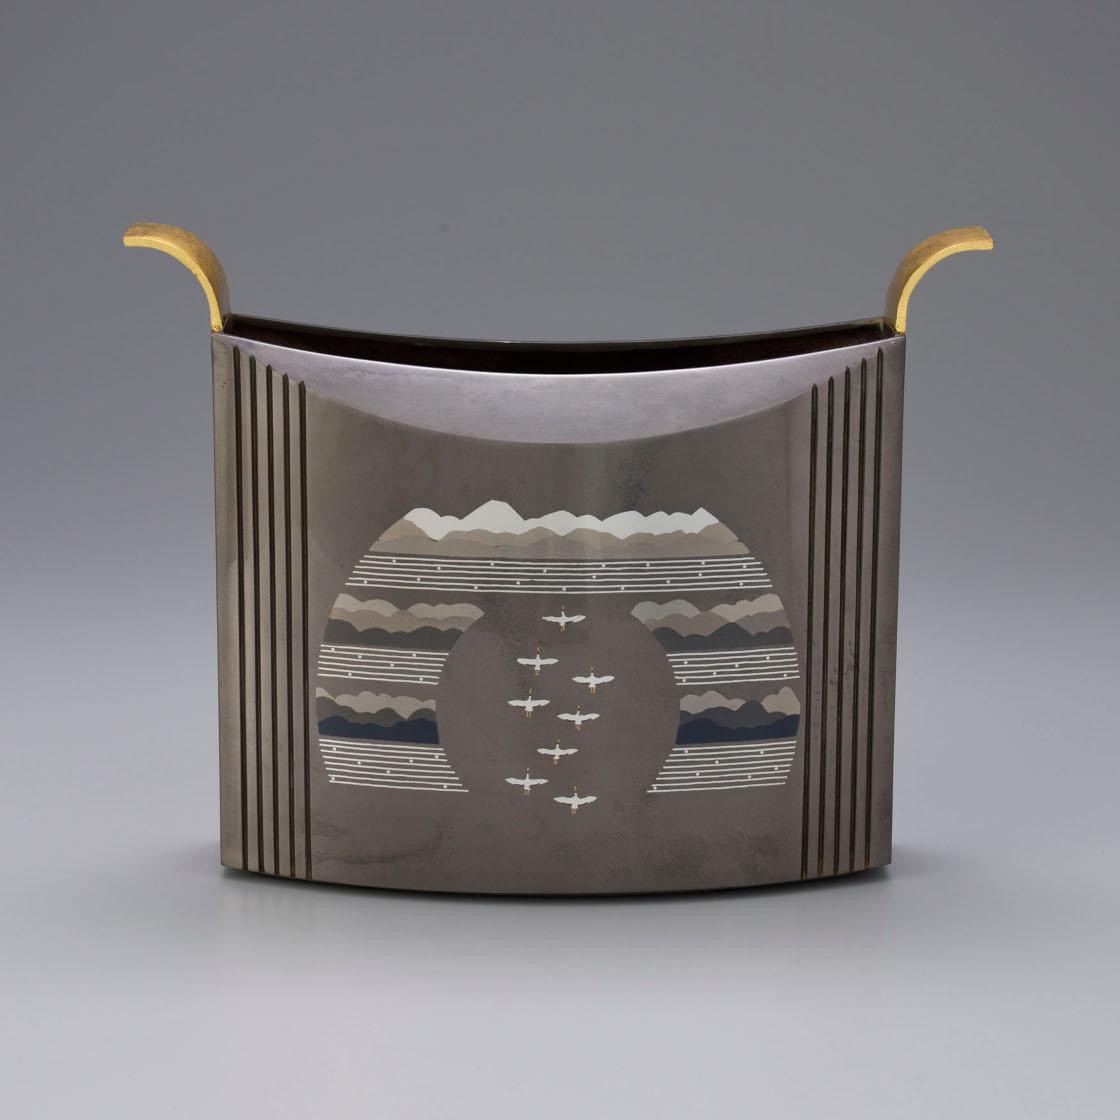 中川 衛 象嵌朧銀花器「帰来」 12×31.5×高さ25㎝